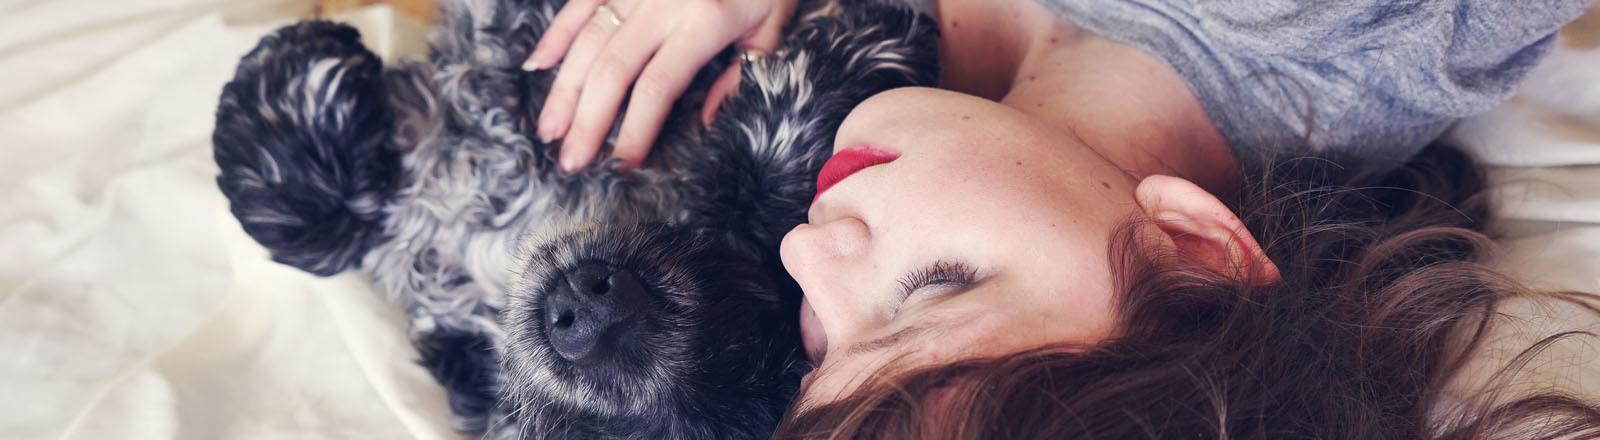 liegende Frau kuschelt mit einem schwarzen Hund